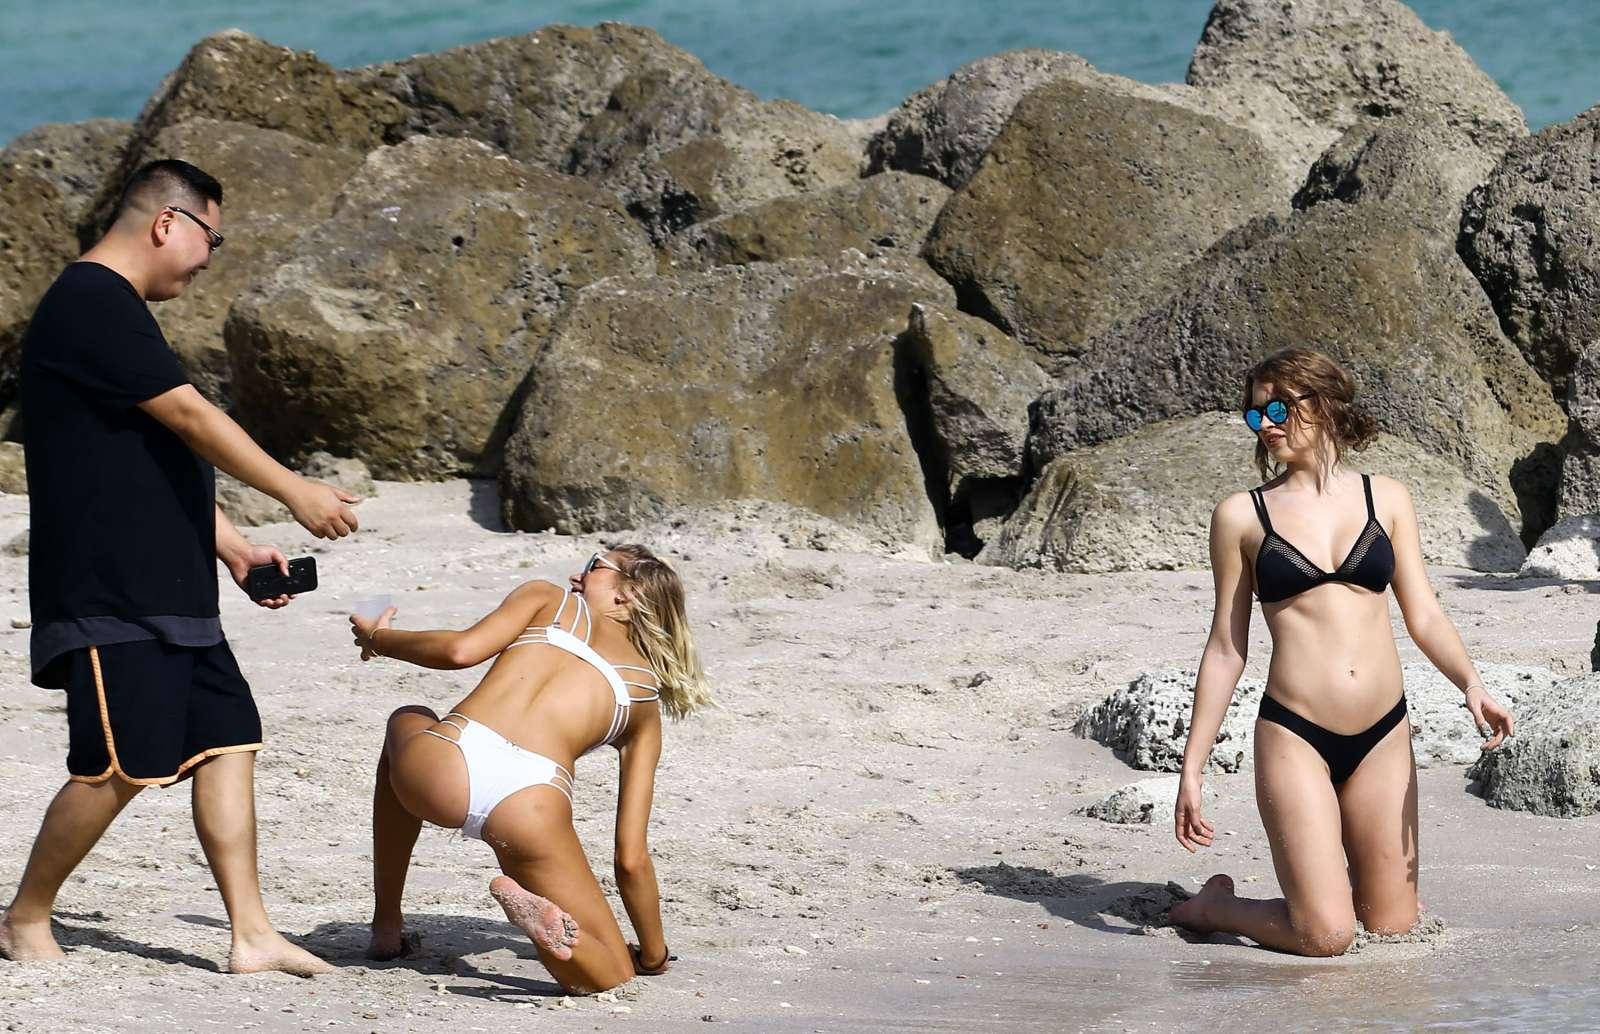 Photos Amanda Kaylor nudes (37 photo), Tits, Fappening, Twitter, cameltoe 2018